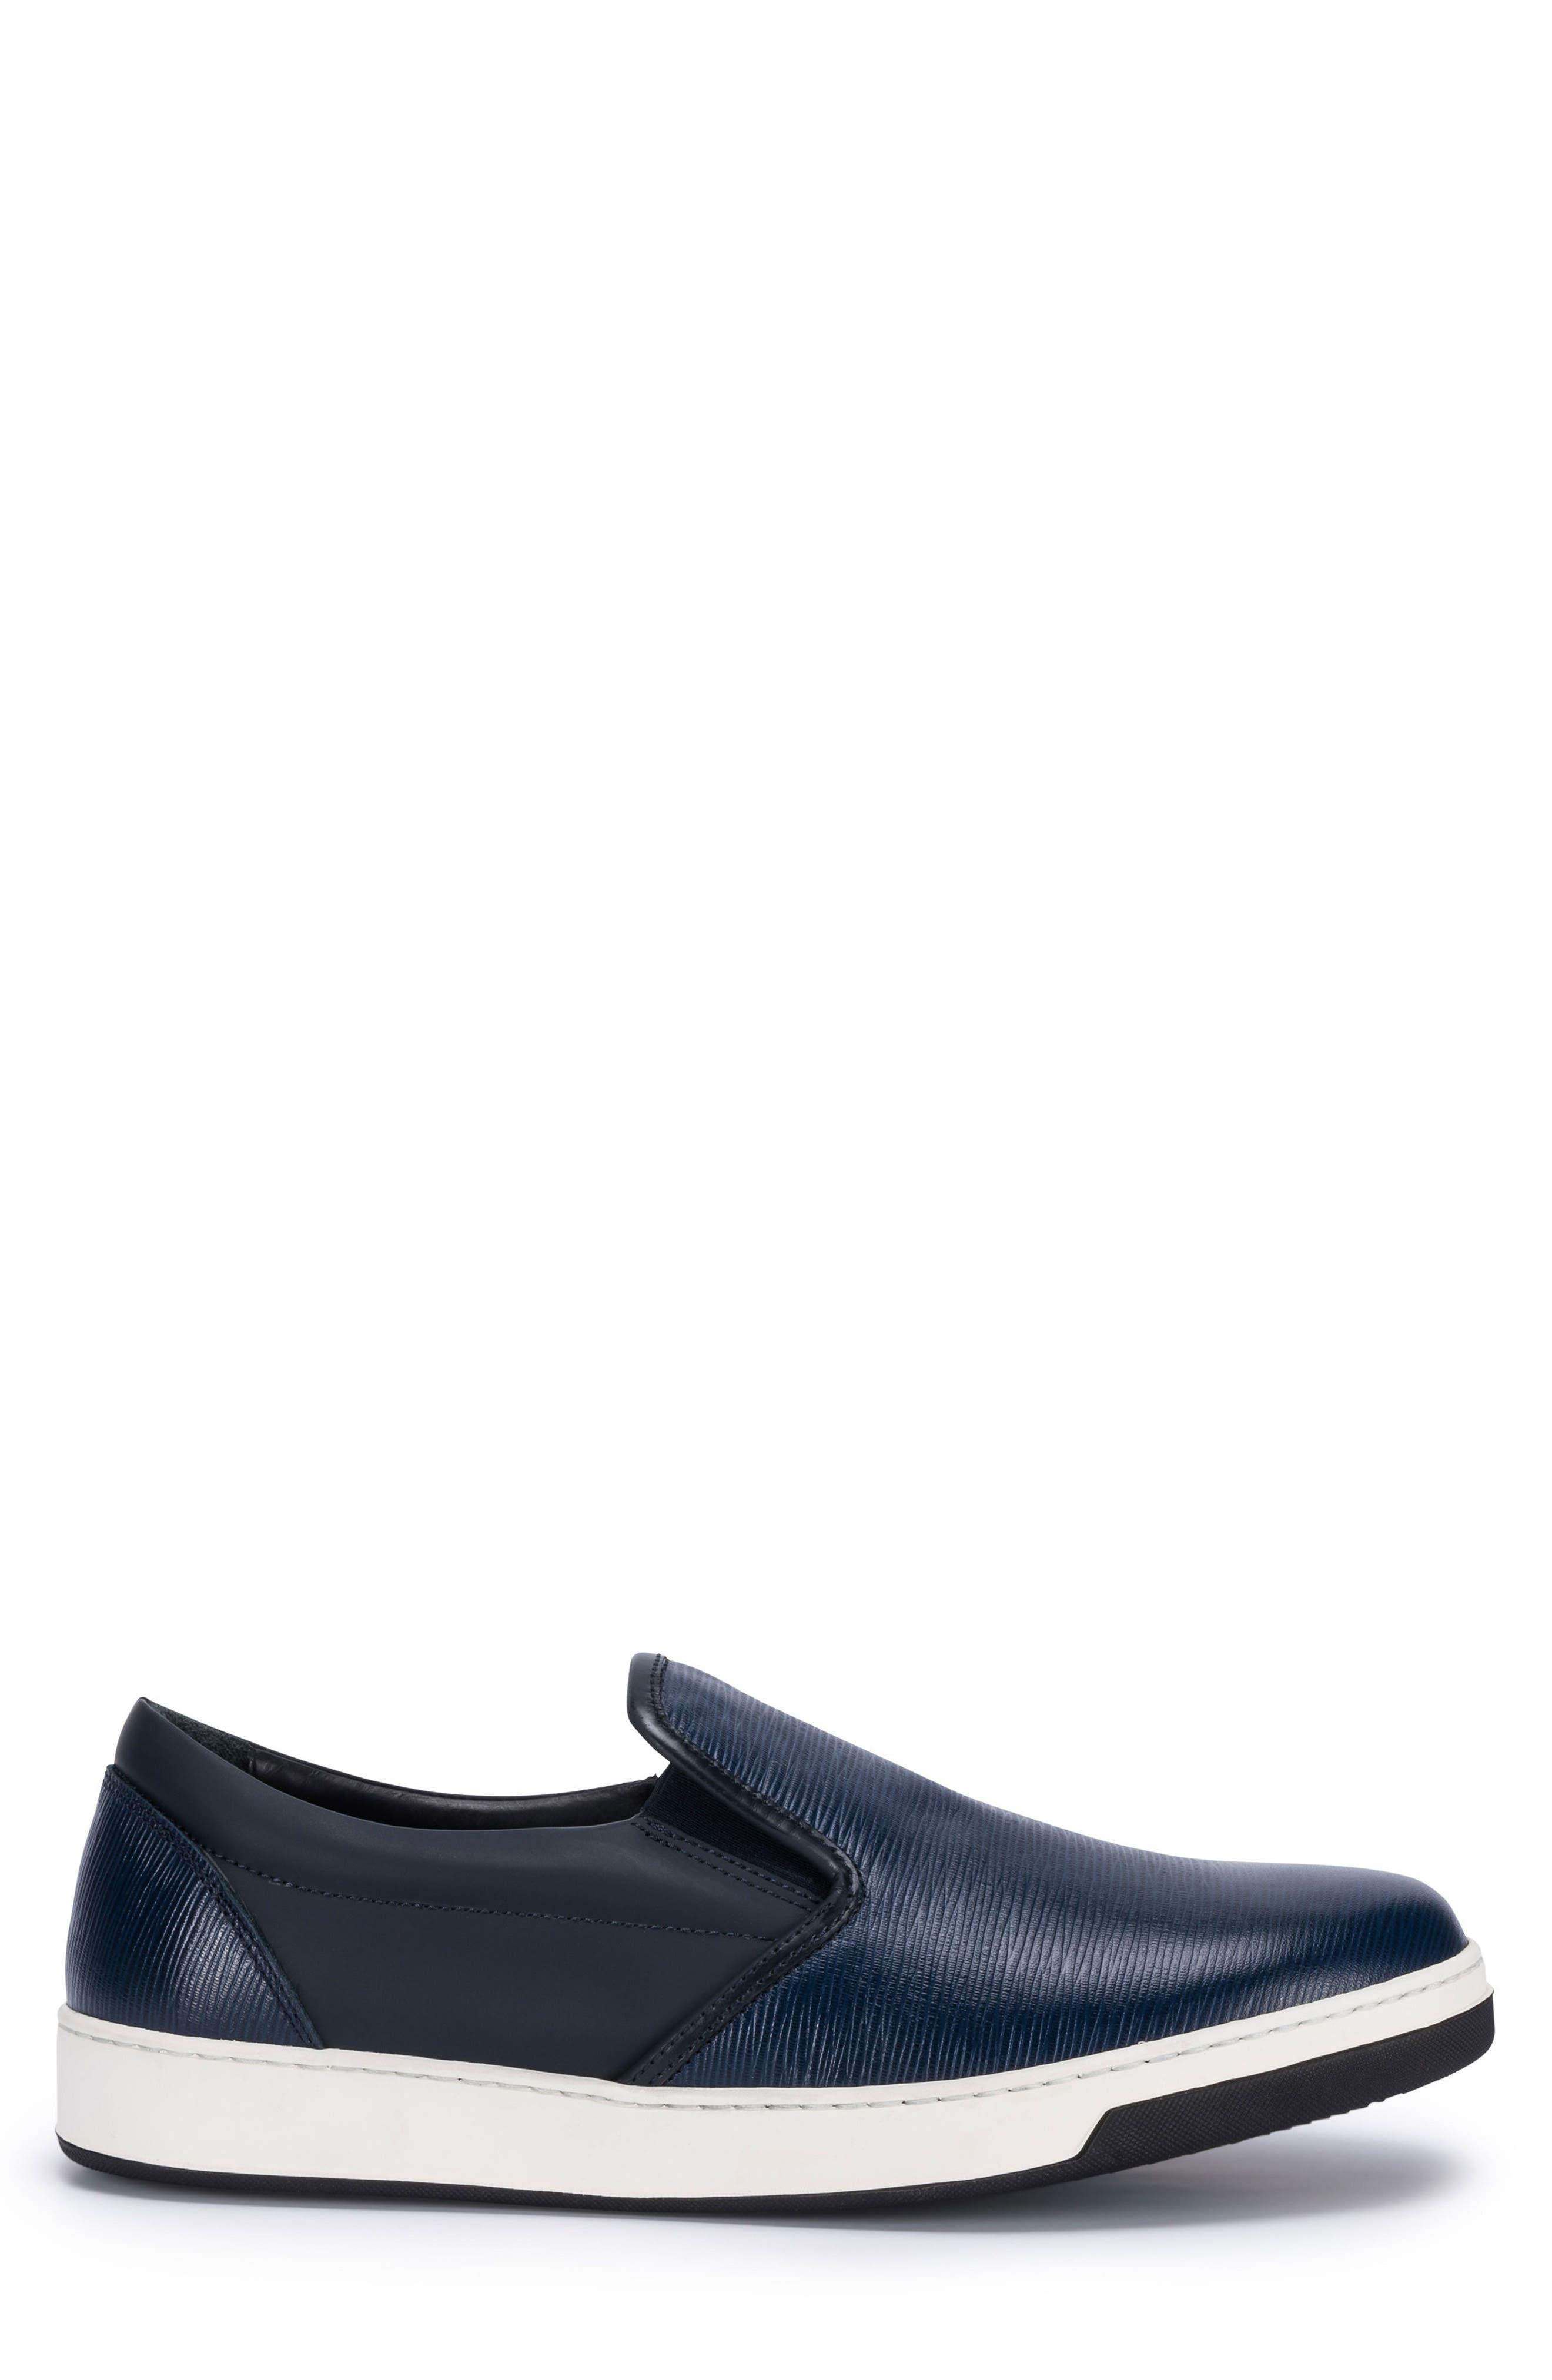 Santorini Slip-On Sneaker,                             Alternate thumbnail 10, color,